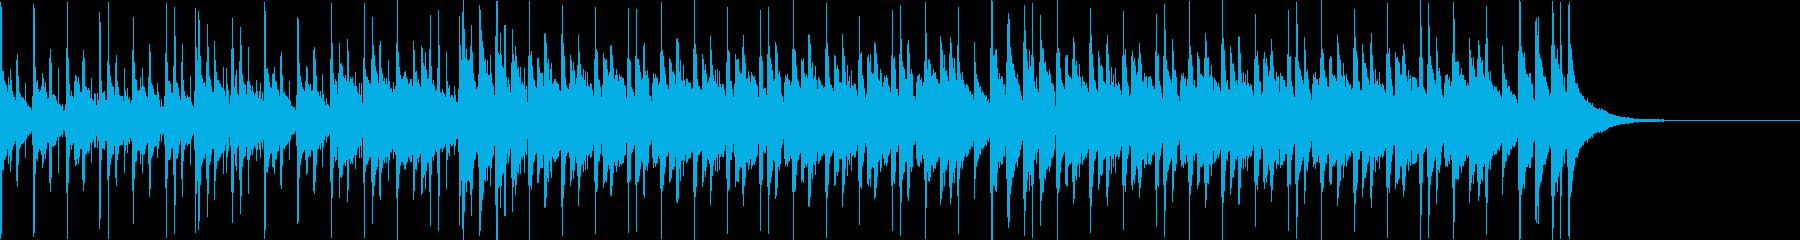 Pf「問題」和風現代ジャズの再生済みの波形